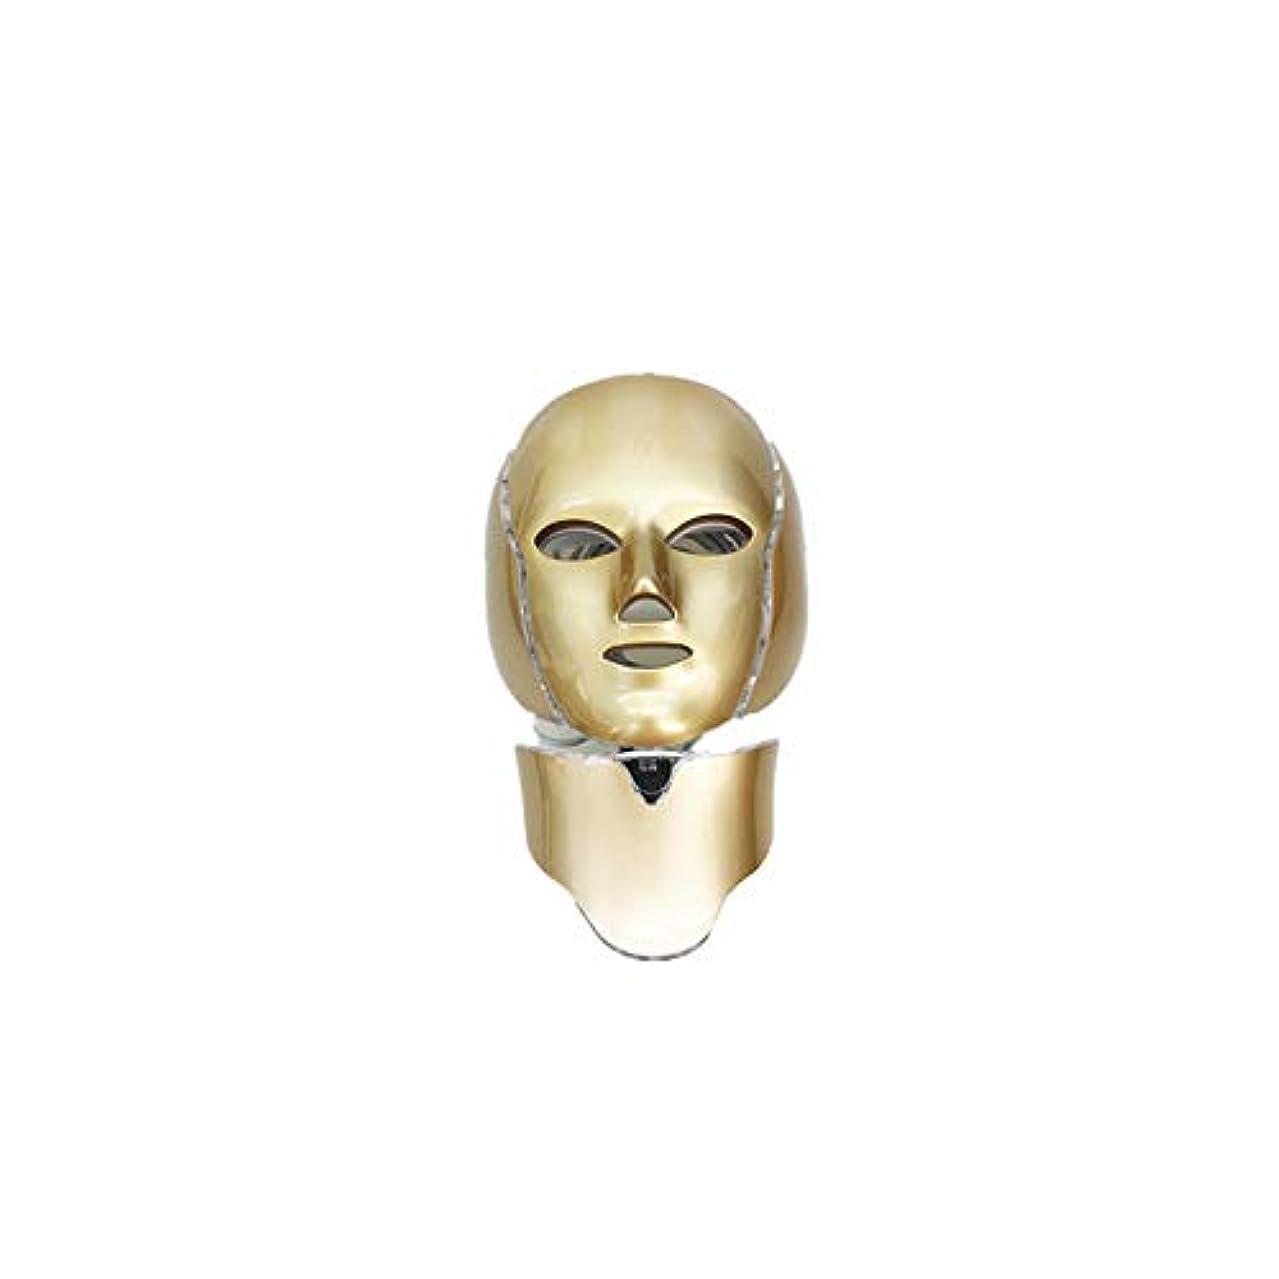 持ってる起きる猛烈なOnepeak 美肌若返りマイクロ電流マスク楽器ネックネックマスク7色フォトニックニキビ美肌ホーム